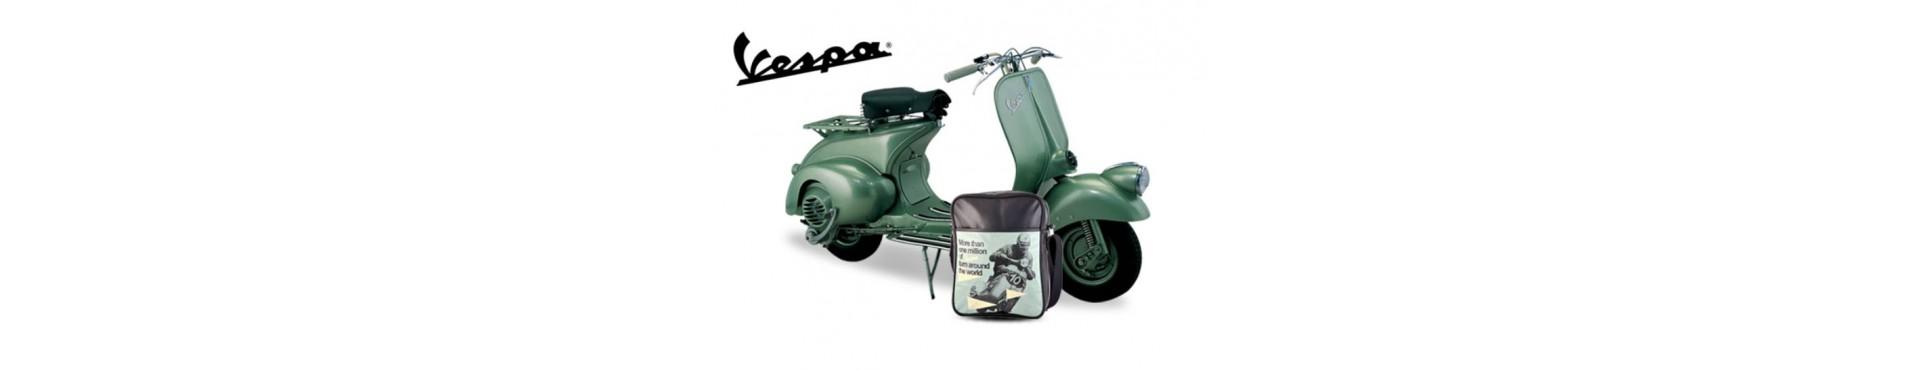 Gadgets Vespa Piaggio tanti accessori per tutti Vespa Shop Best Motor